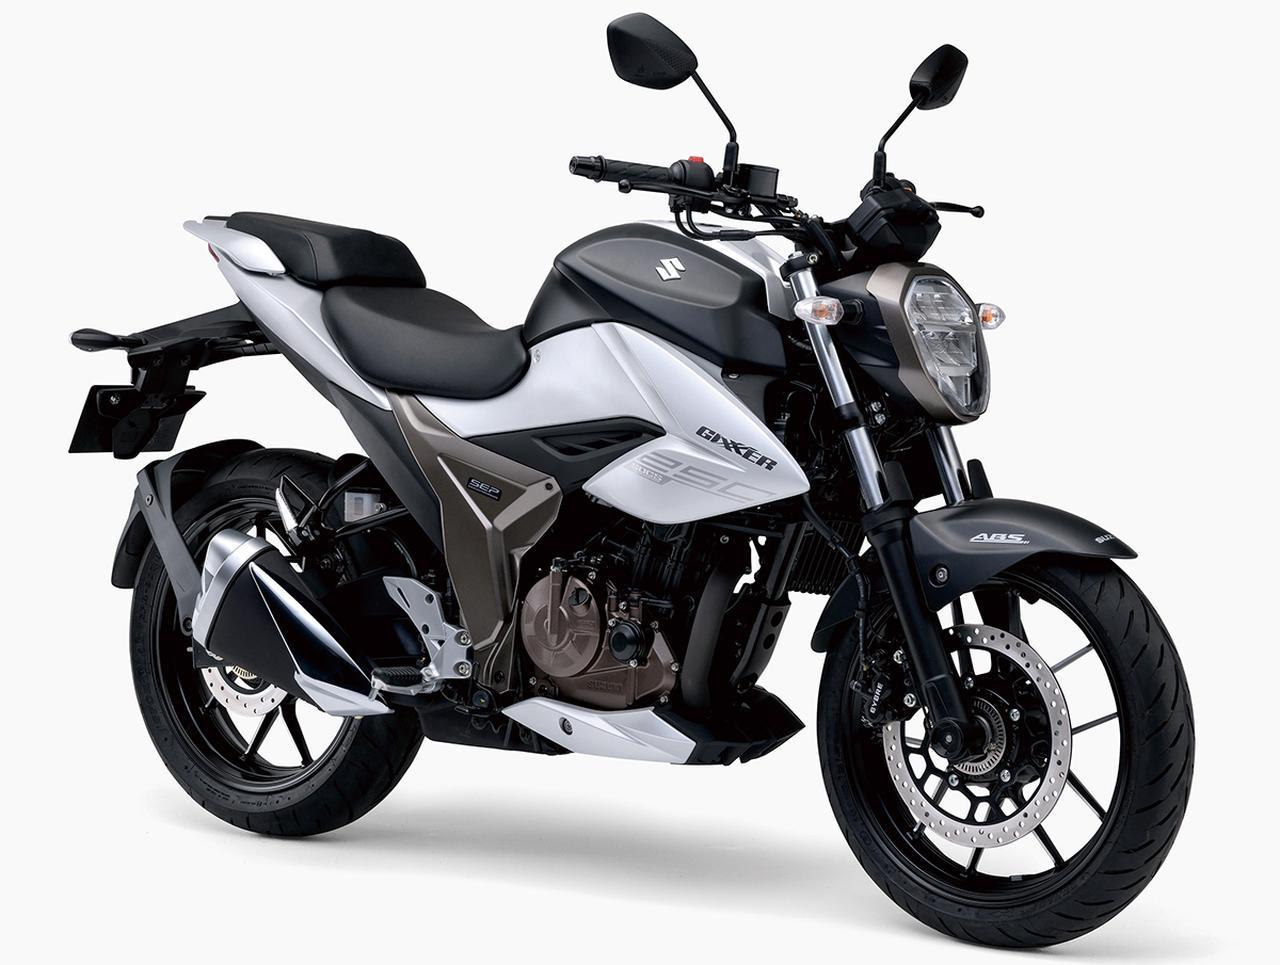 スズキ「ジクサー250」【1分で読める 2021年に新車で購入可能なバイク紹介】